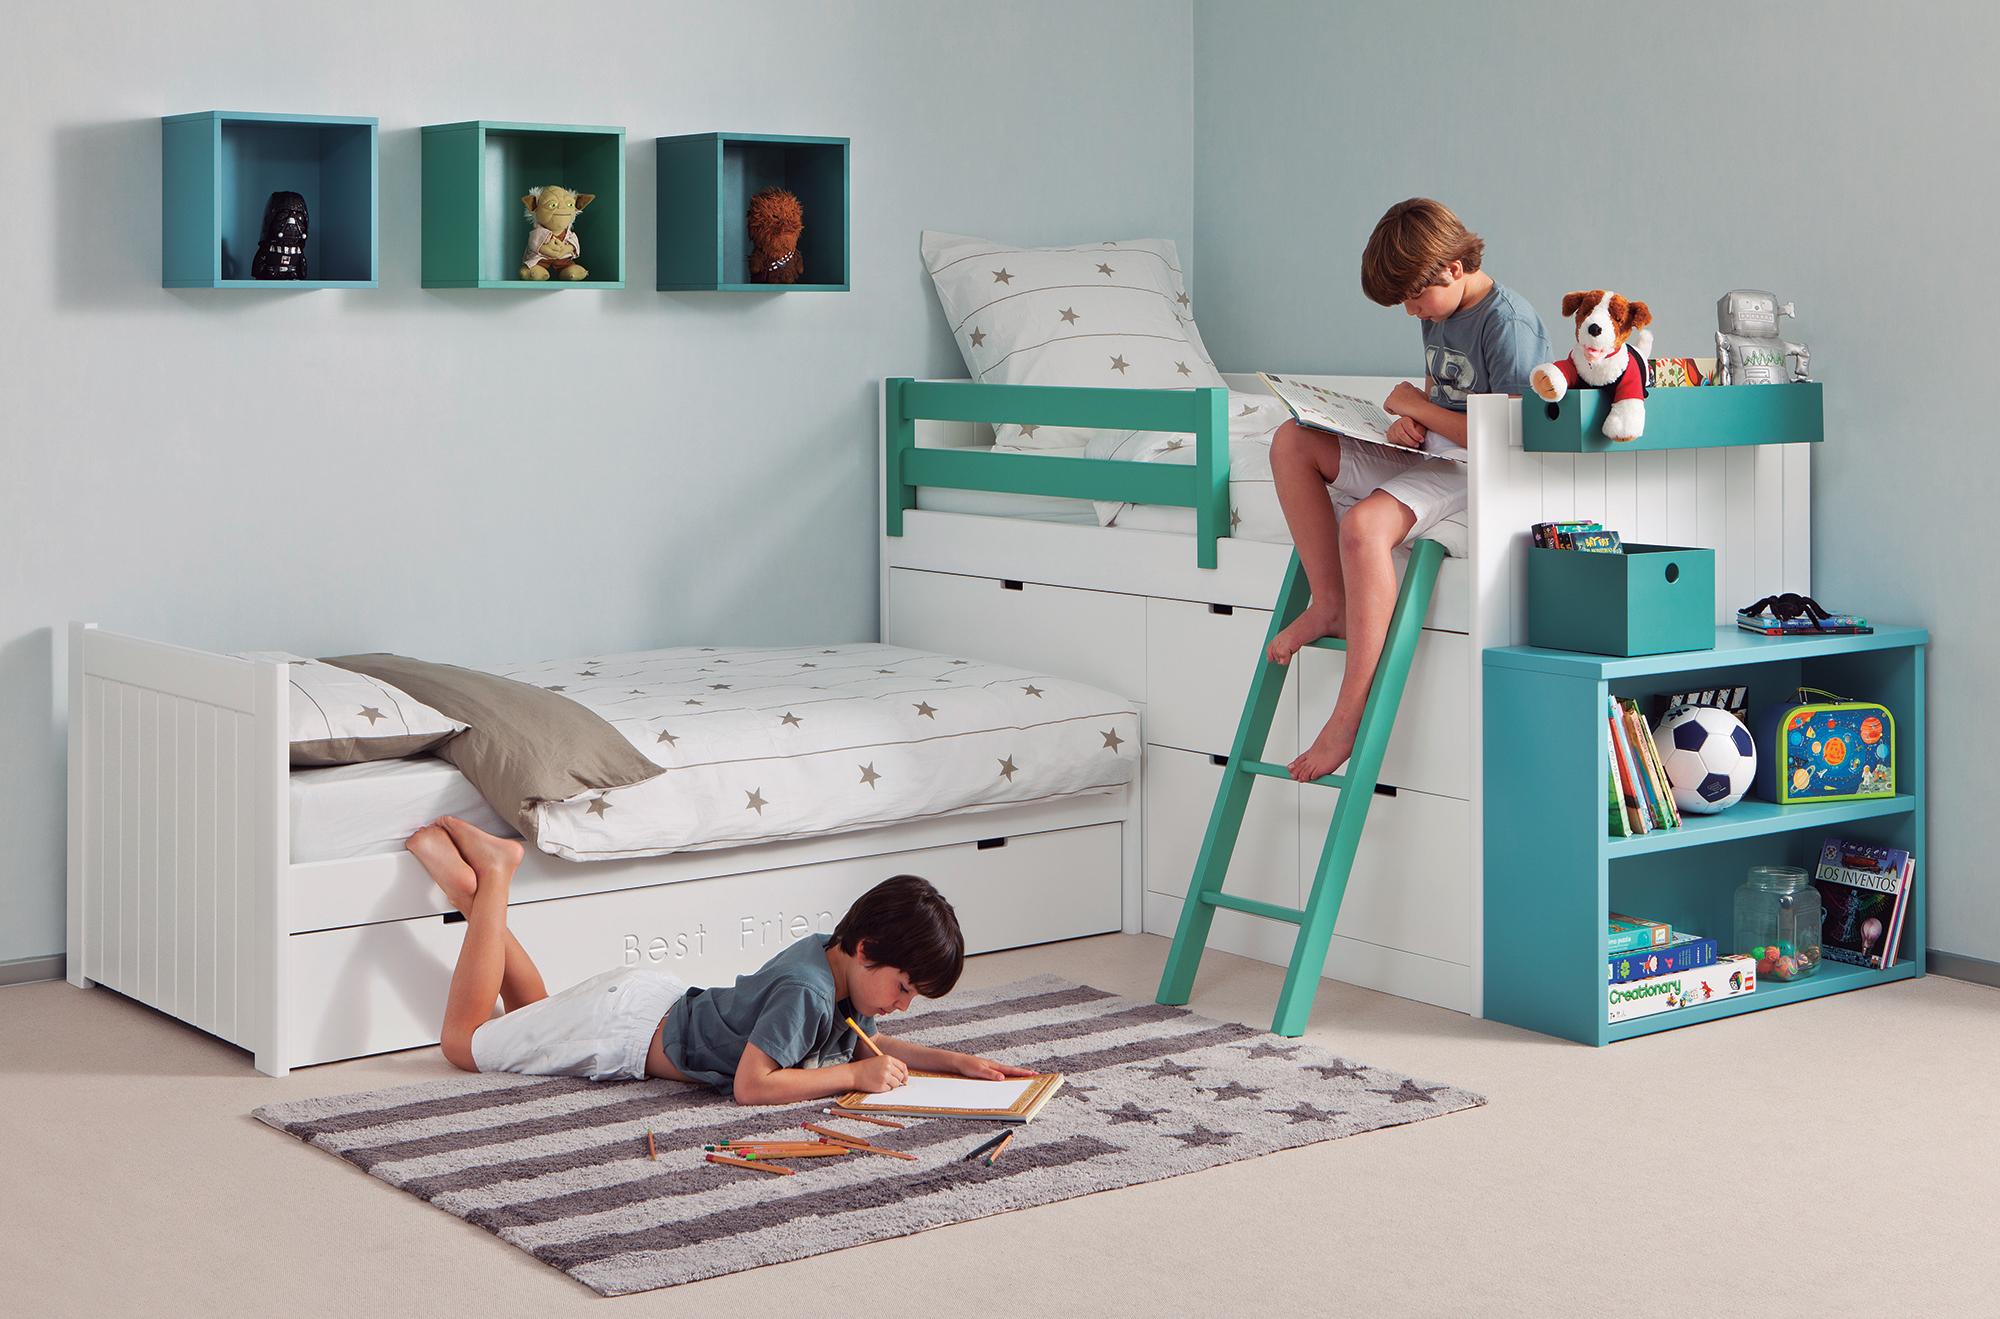 quel est le meilleur ge pour partager sa chambre d enfant. Black Bedroom Furniture Sets. Home Design Ideas